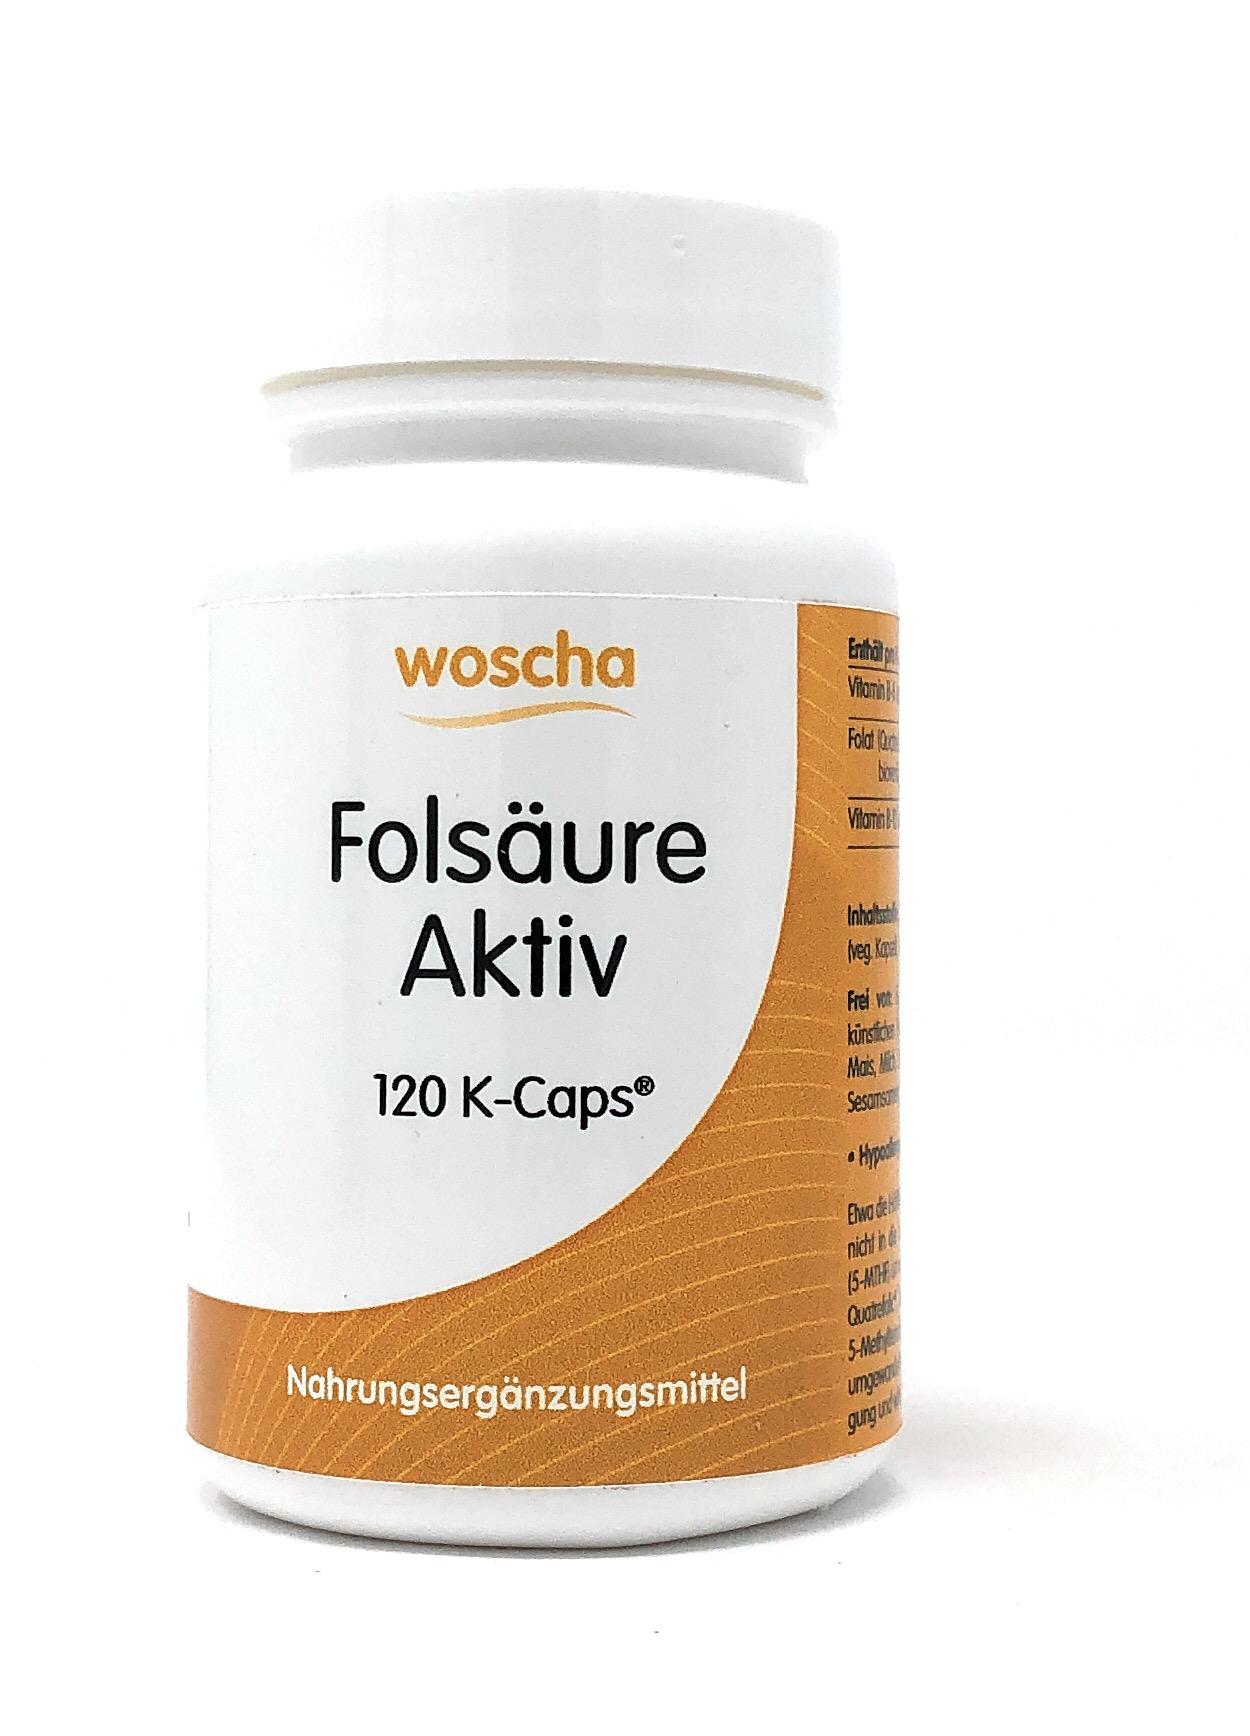 woscha Folsäure Aktiv 120 veg. K-CAPS® (27g) (vegan)